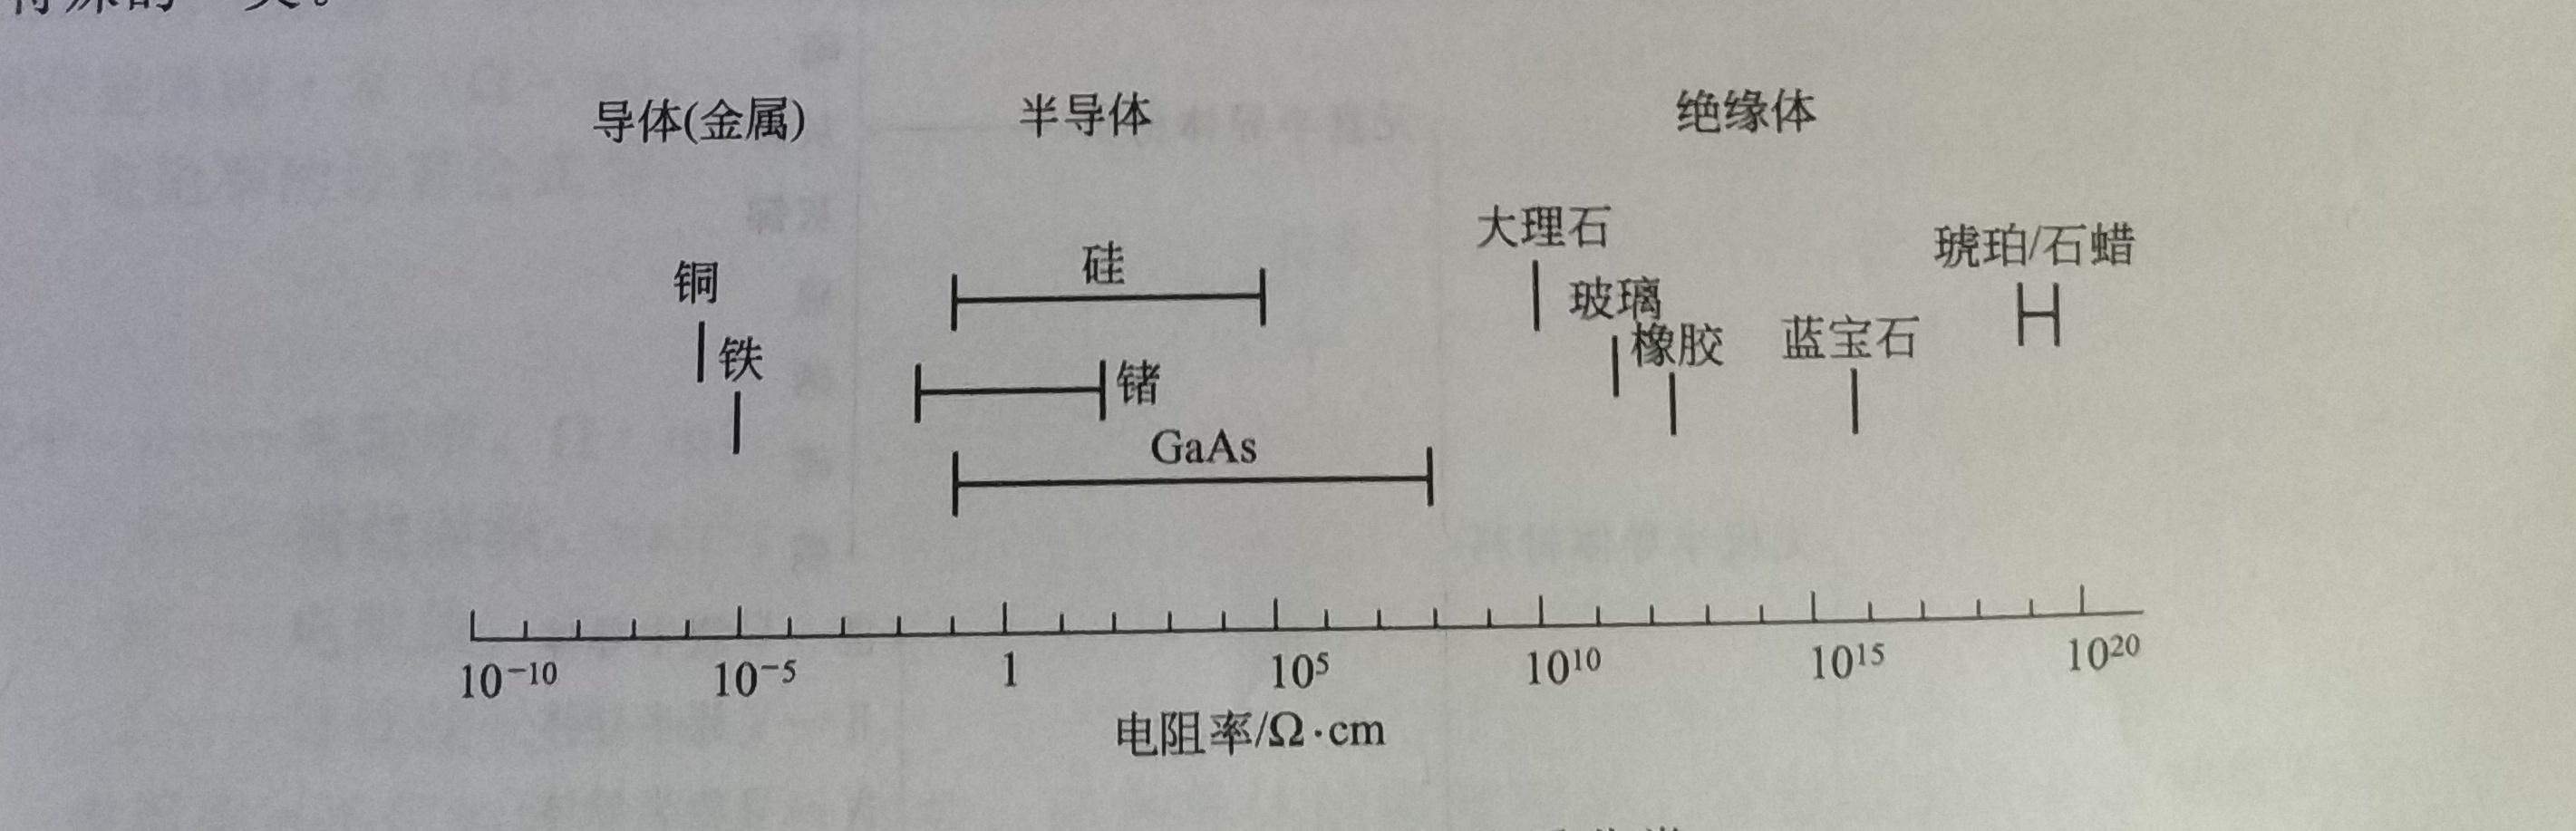 太阳能灯中半导体的特性